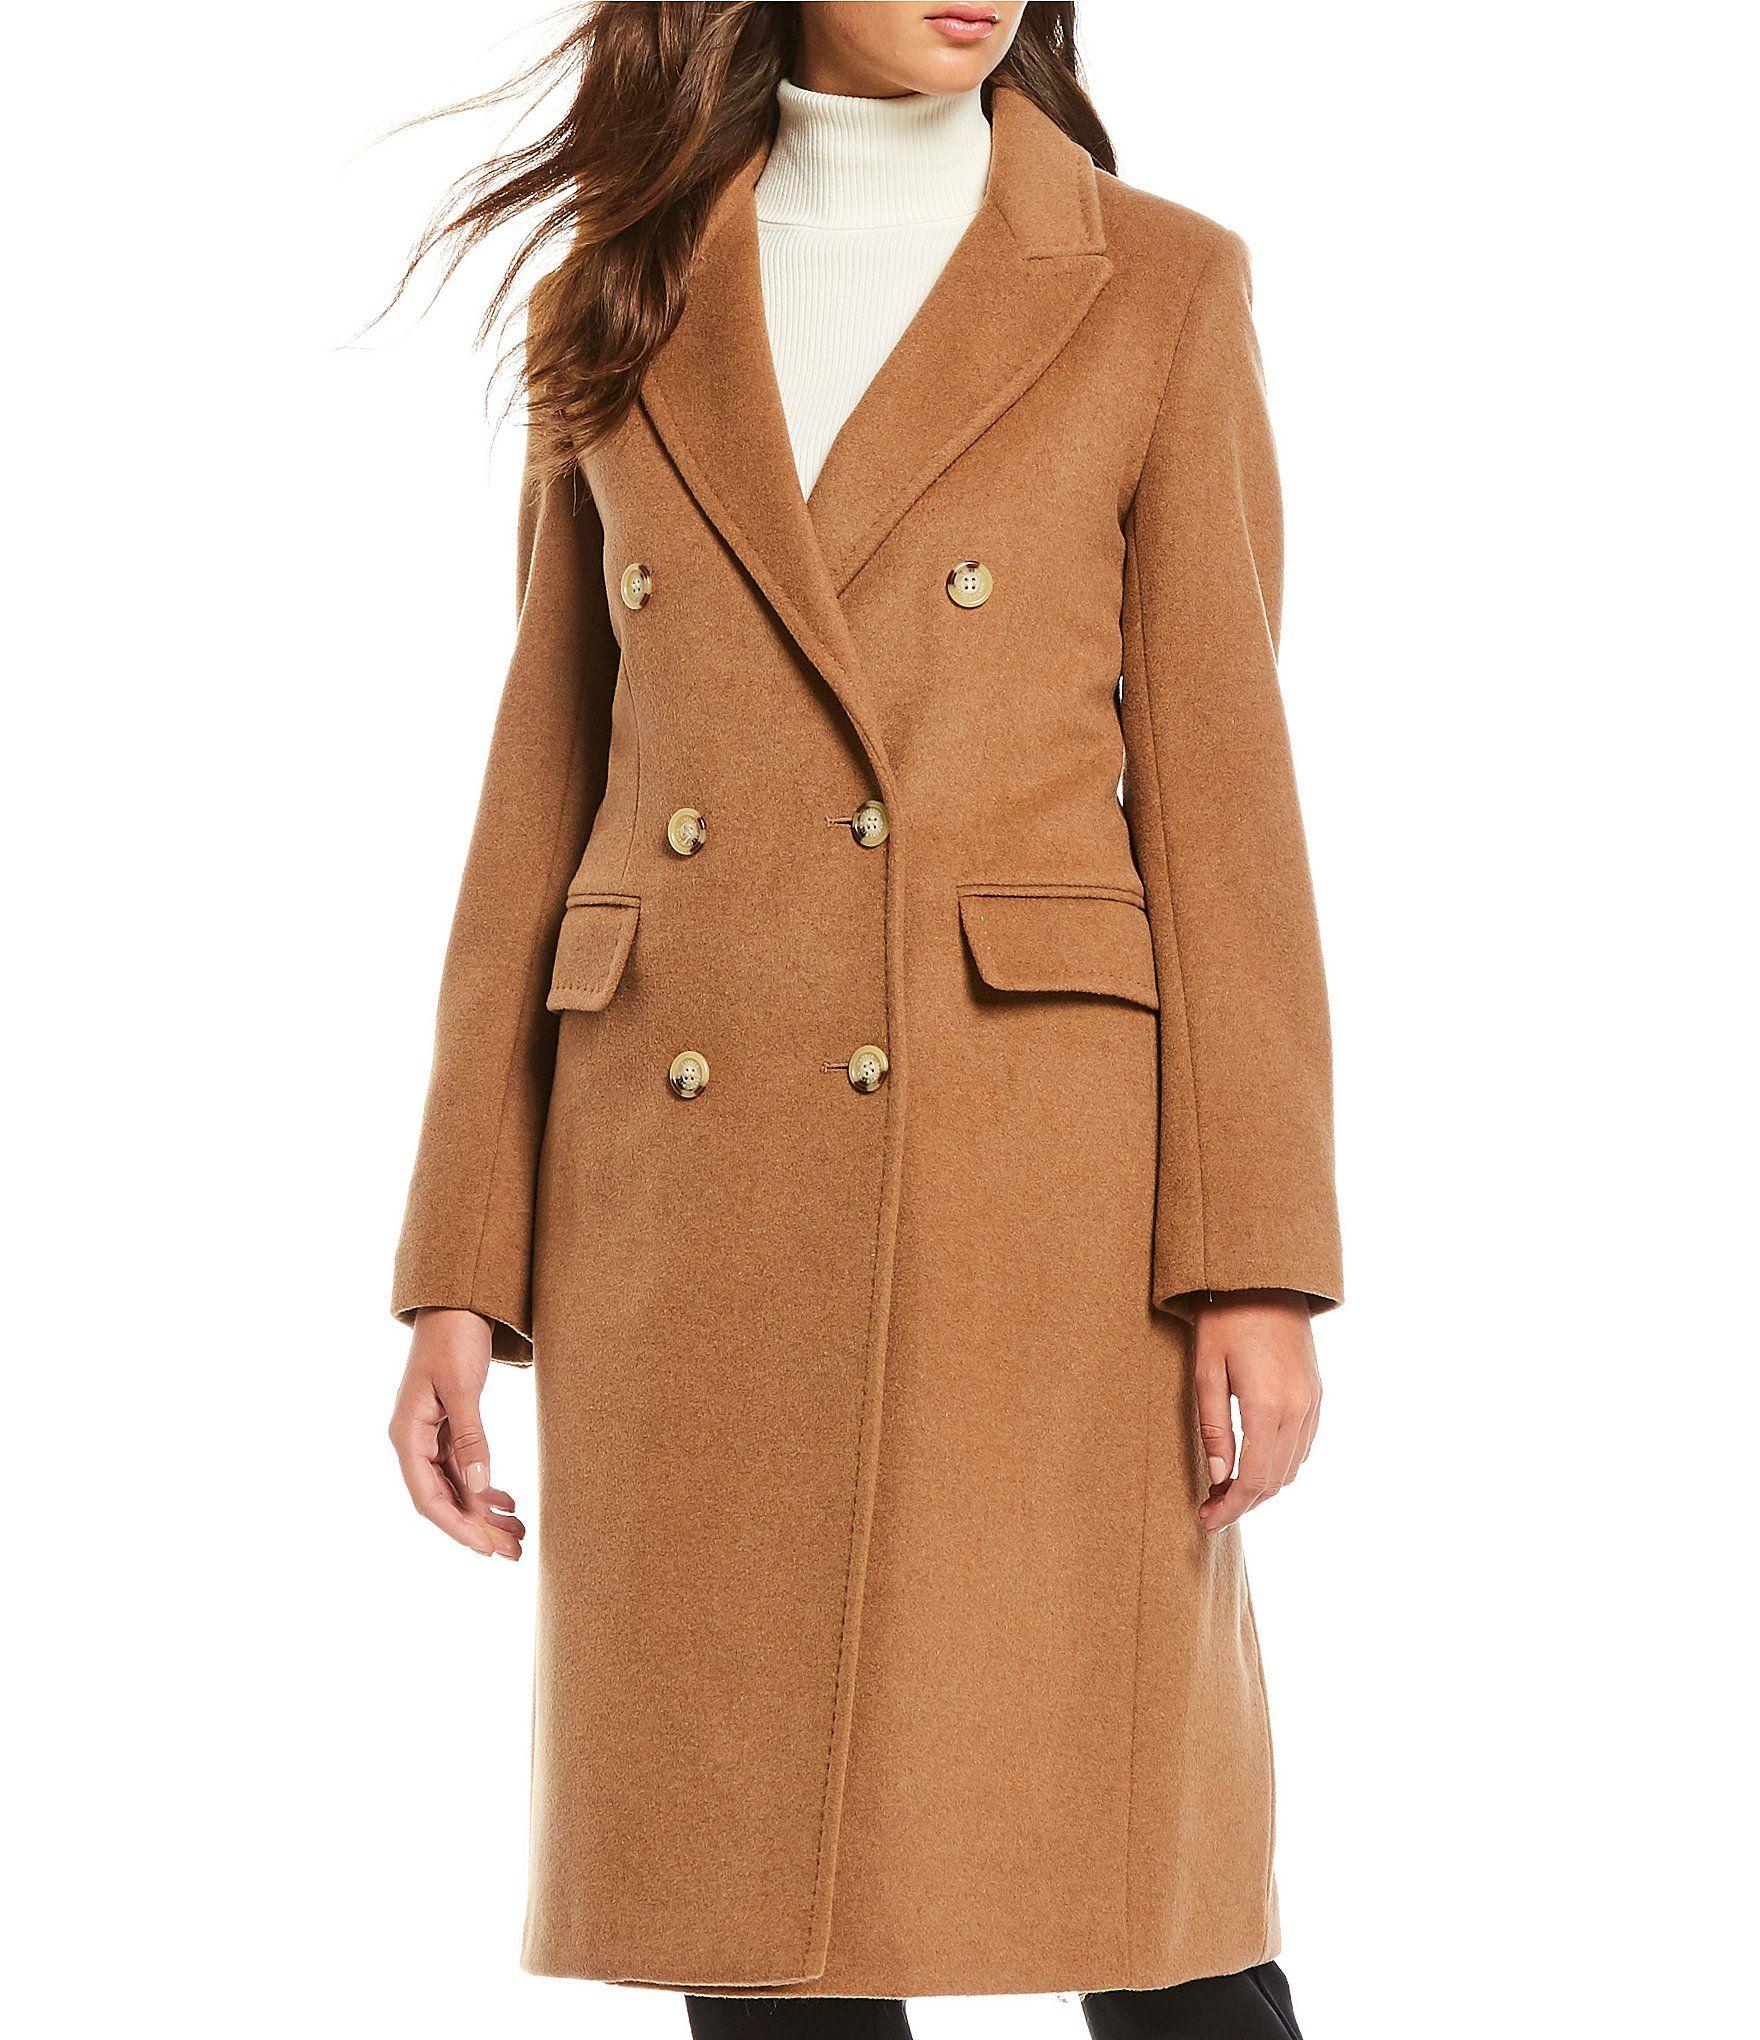 Lauren Ralph Lauren Peak Lapel Wool Blend Coat Dillards Clothes Wool Blend Coat Clothes For Women [ 2040 x 1760 Pixel ]